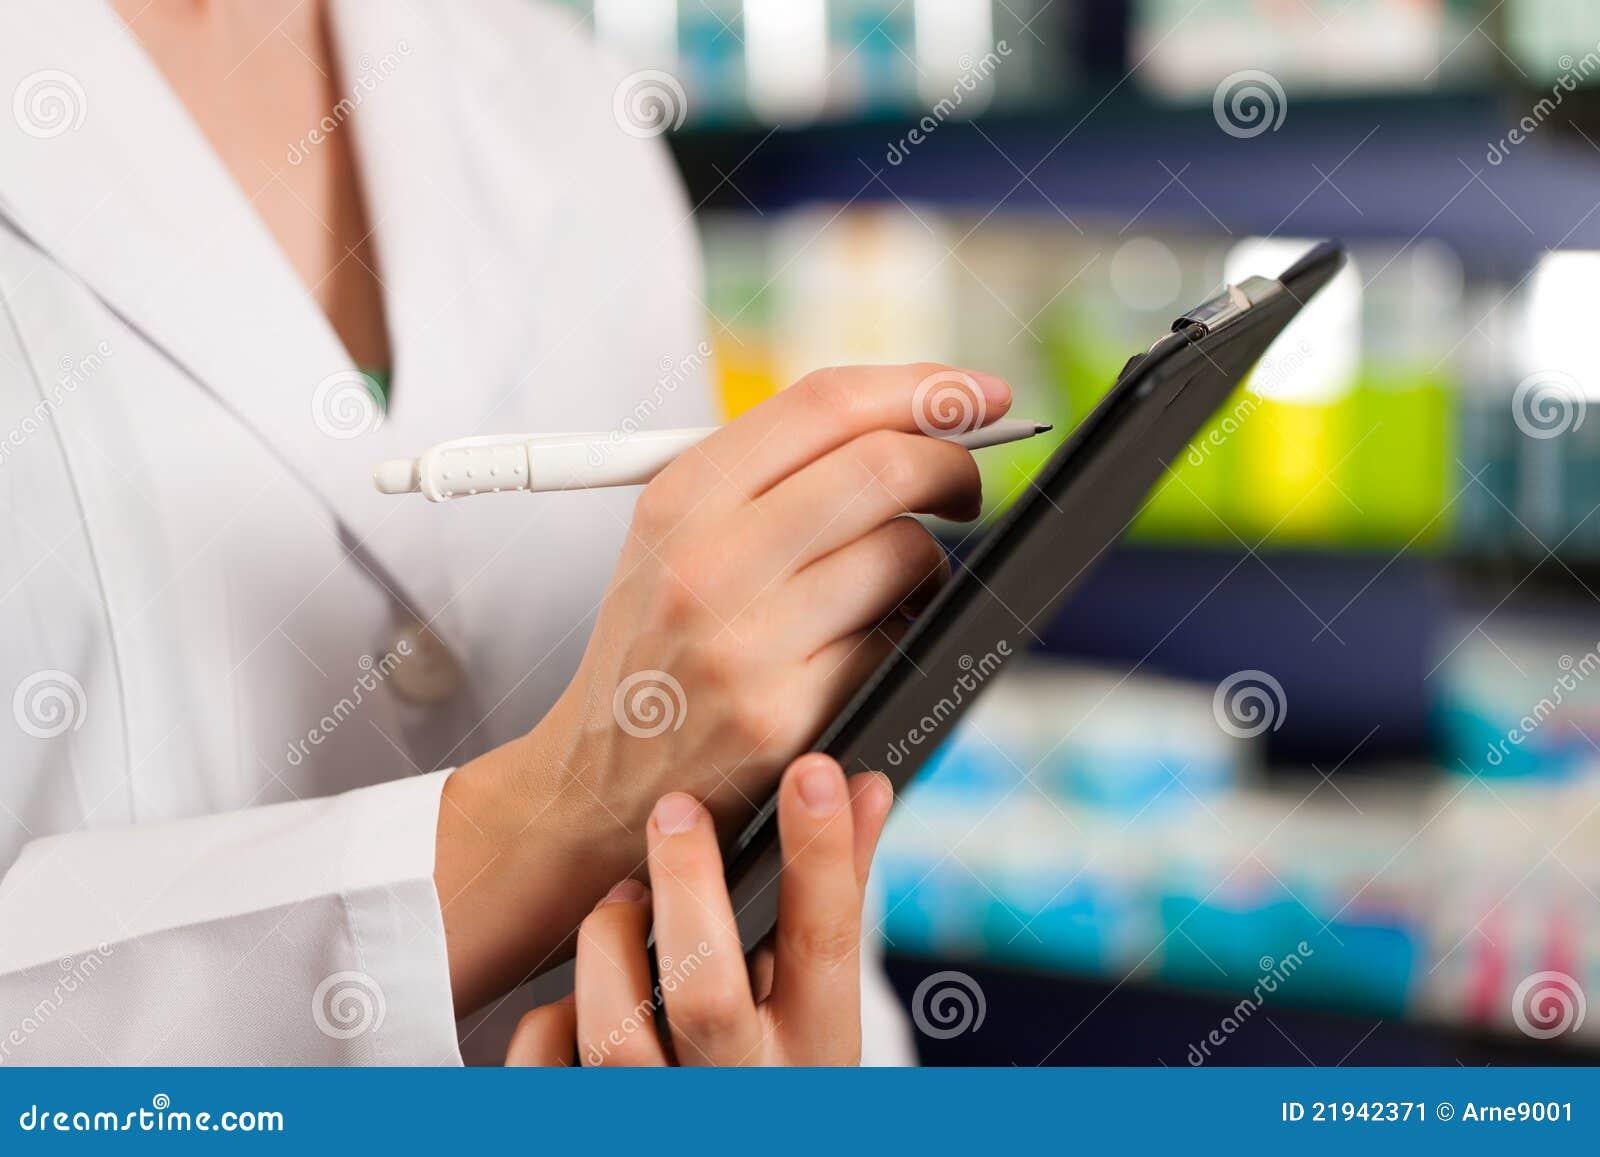 Inwentarzowy rozkaz apteki zabranie